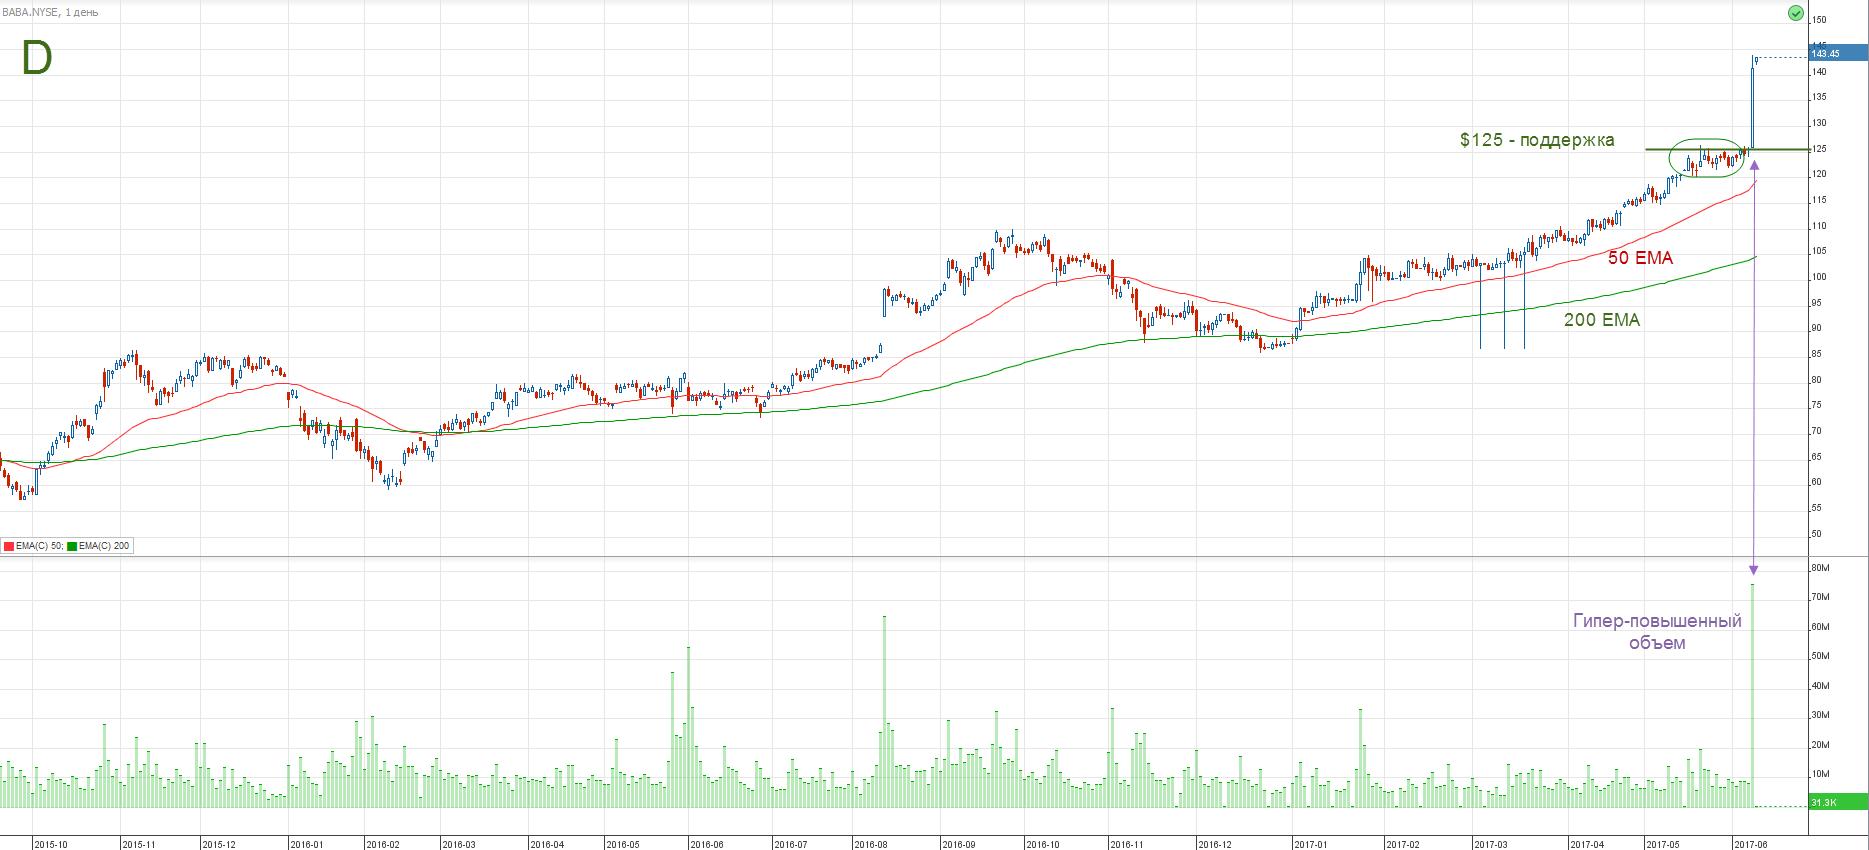 График котировок акций Alibaba